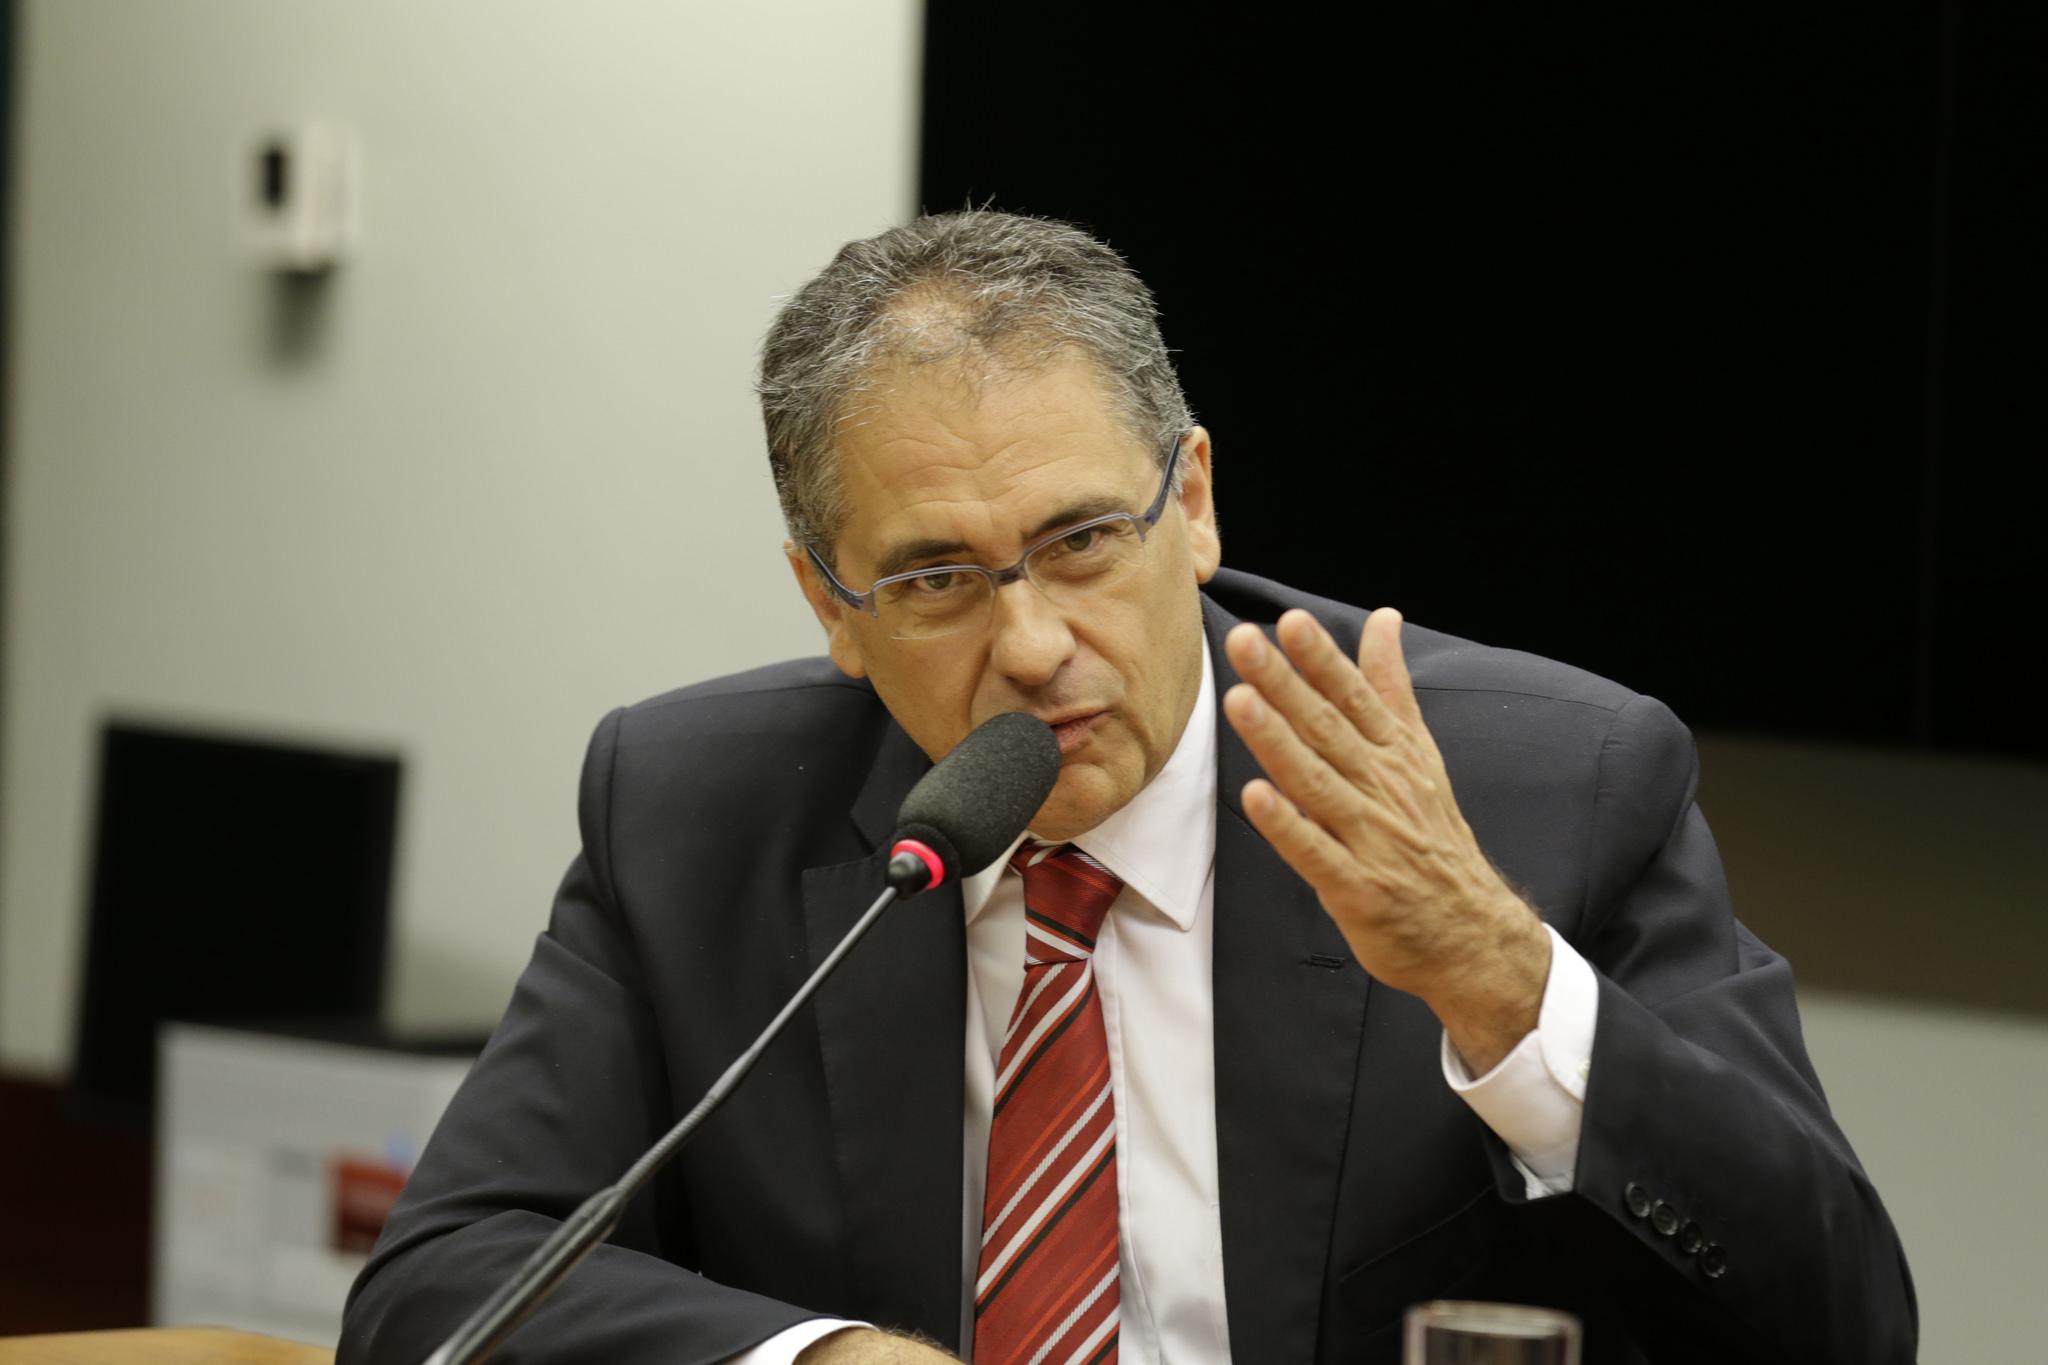 Zarattini se empenha para aprovar importantes projetos para o Brasil